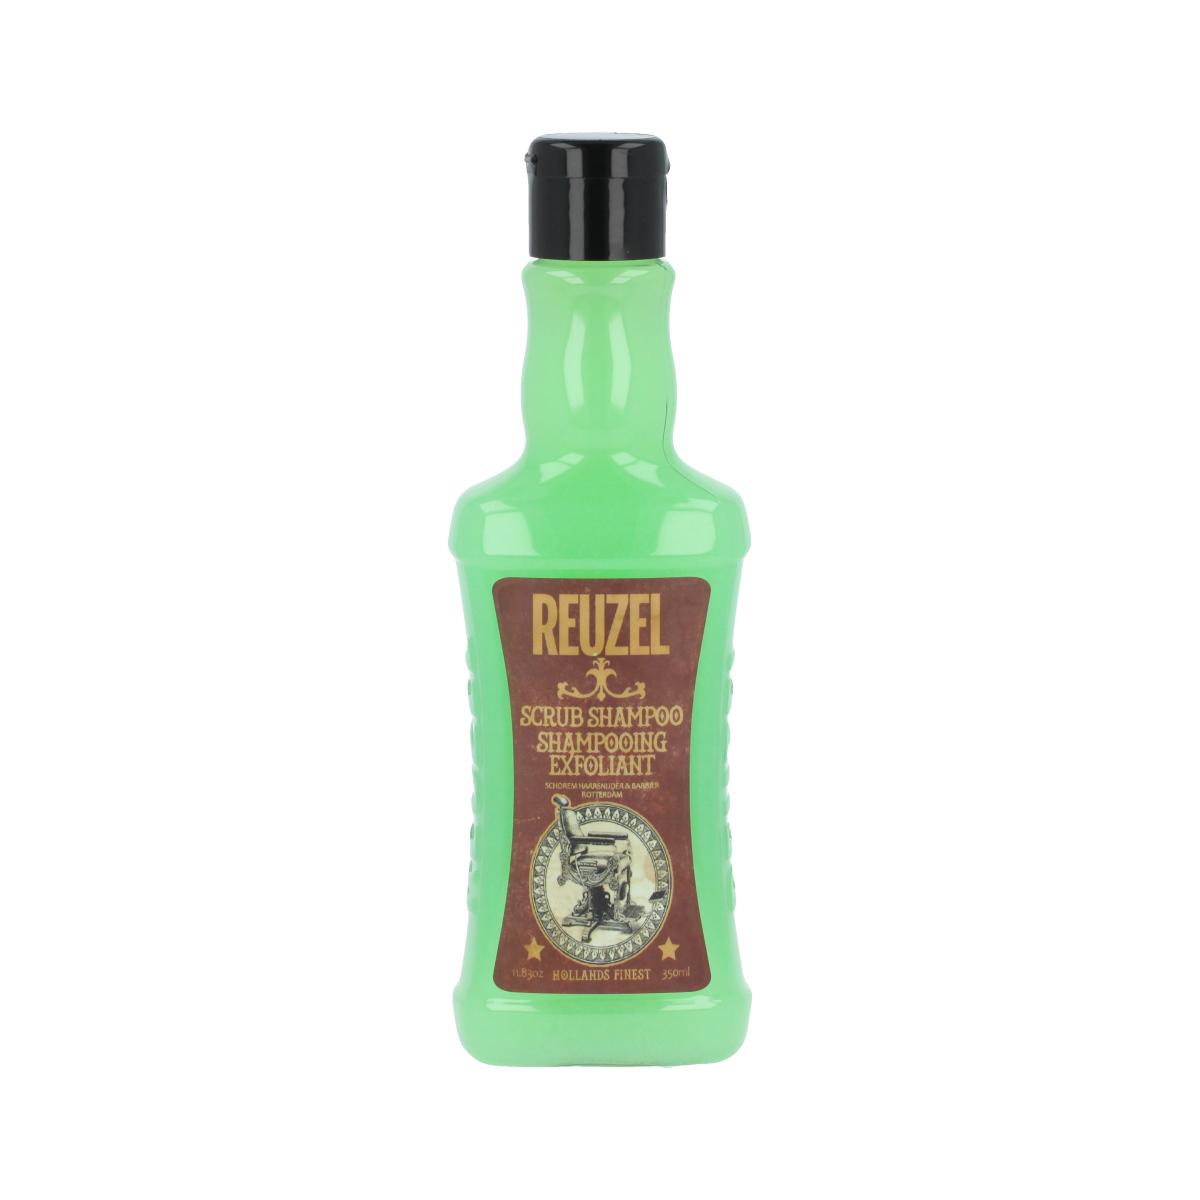 REUZEL Scrub Shampoo 350 ml 14465